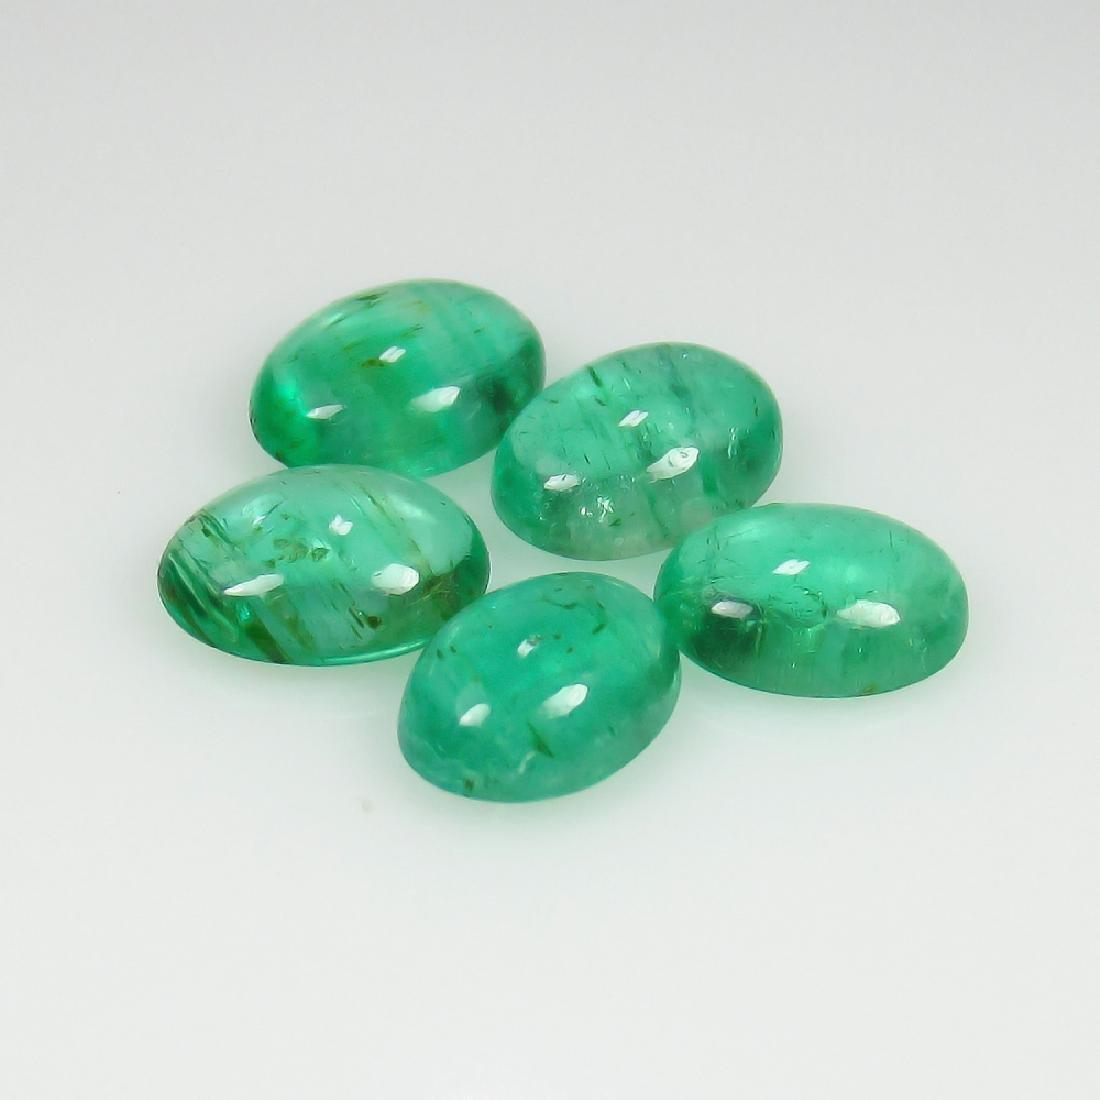 3.76 Ct Genuine Zambian Emerald Matching Oval Cabochon